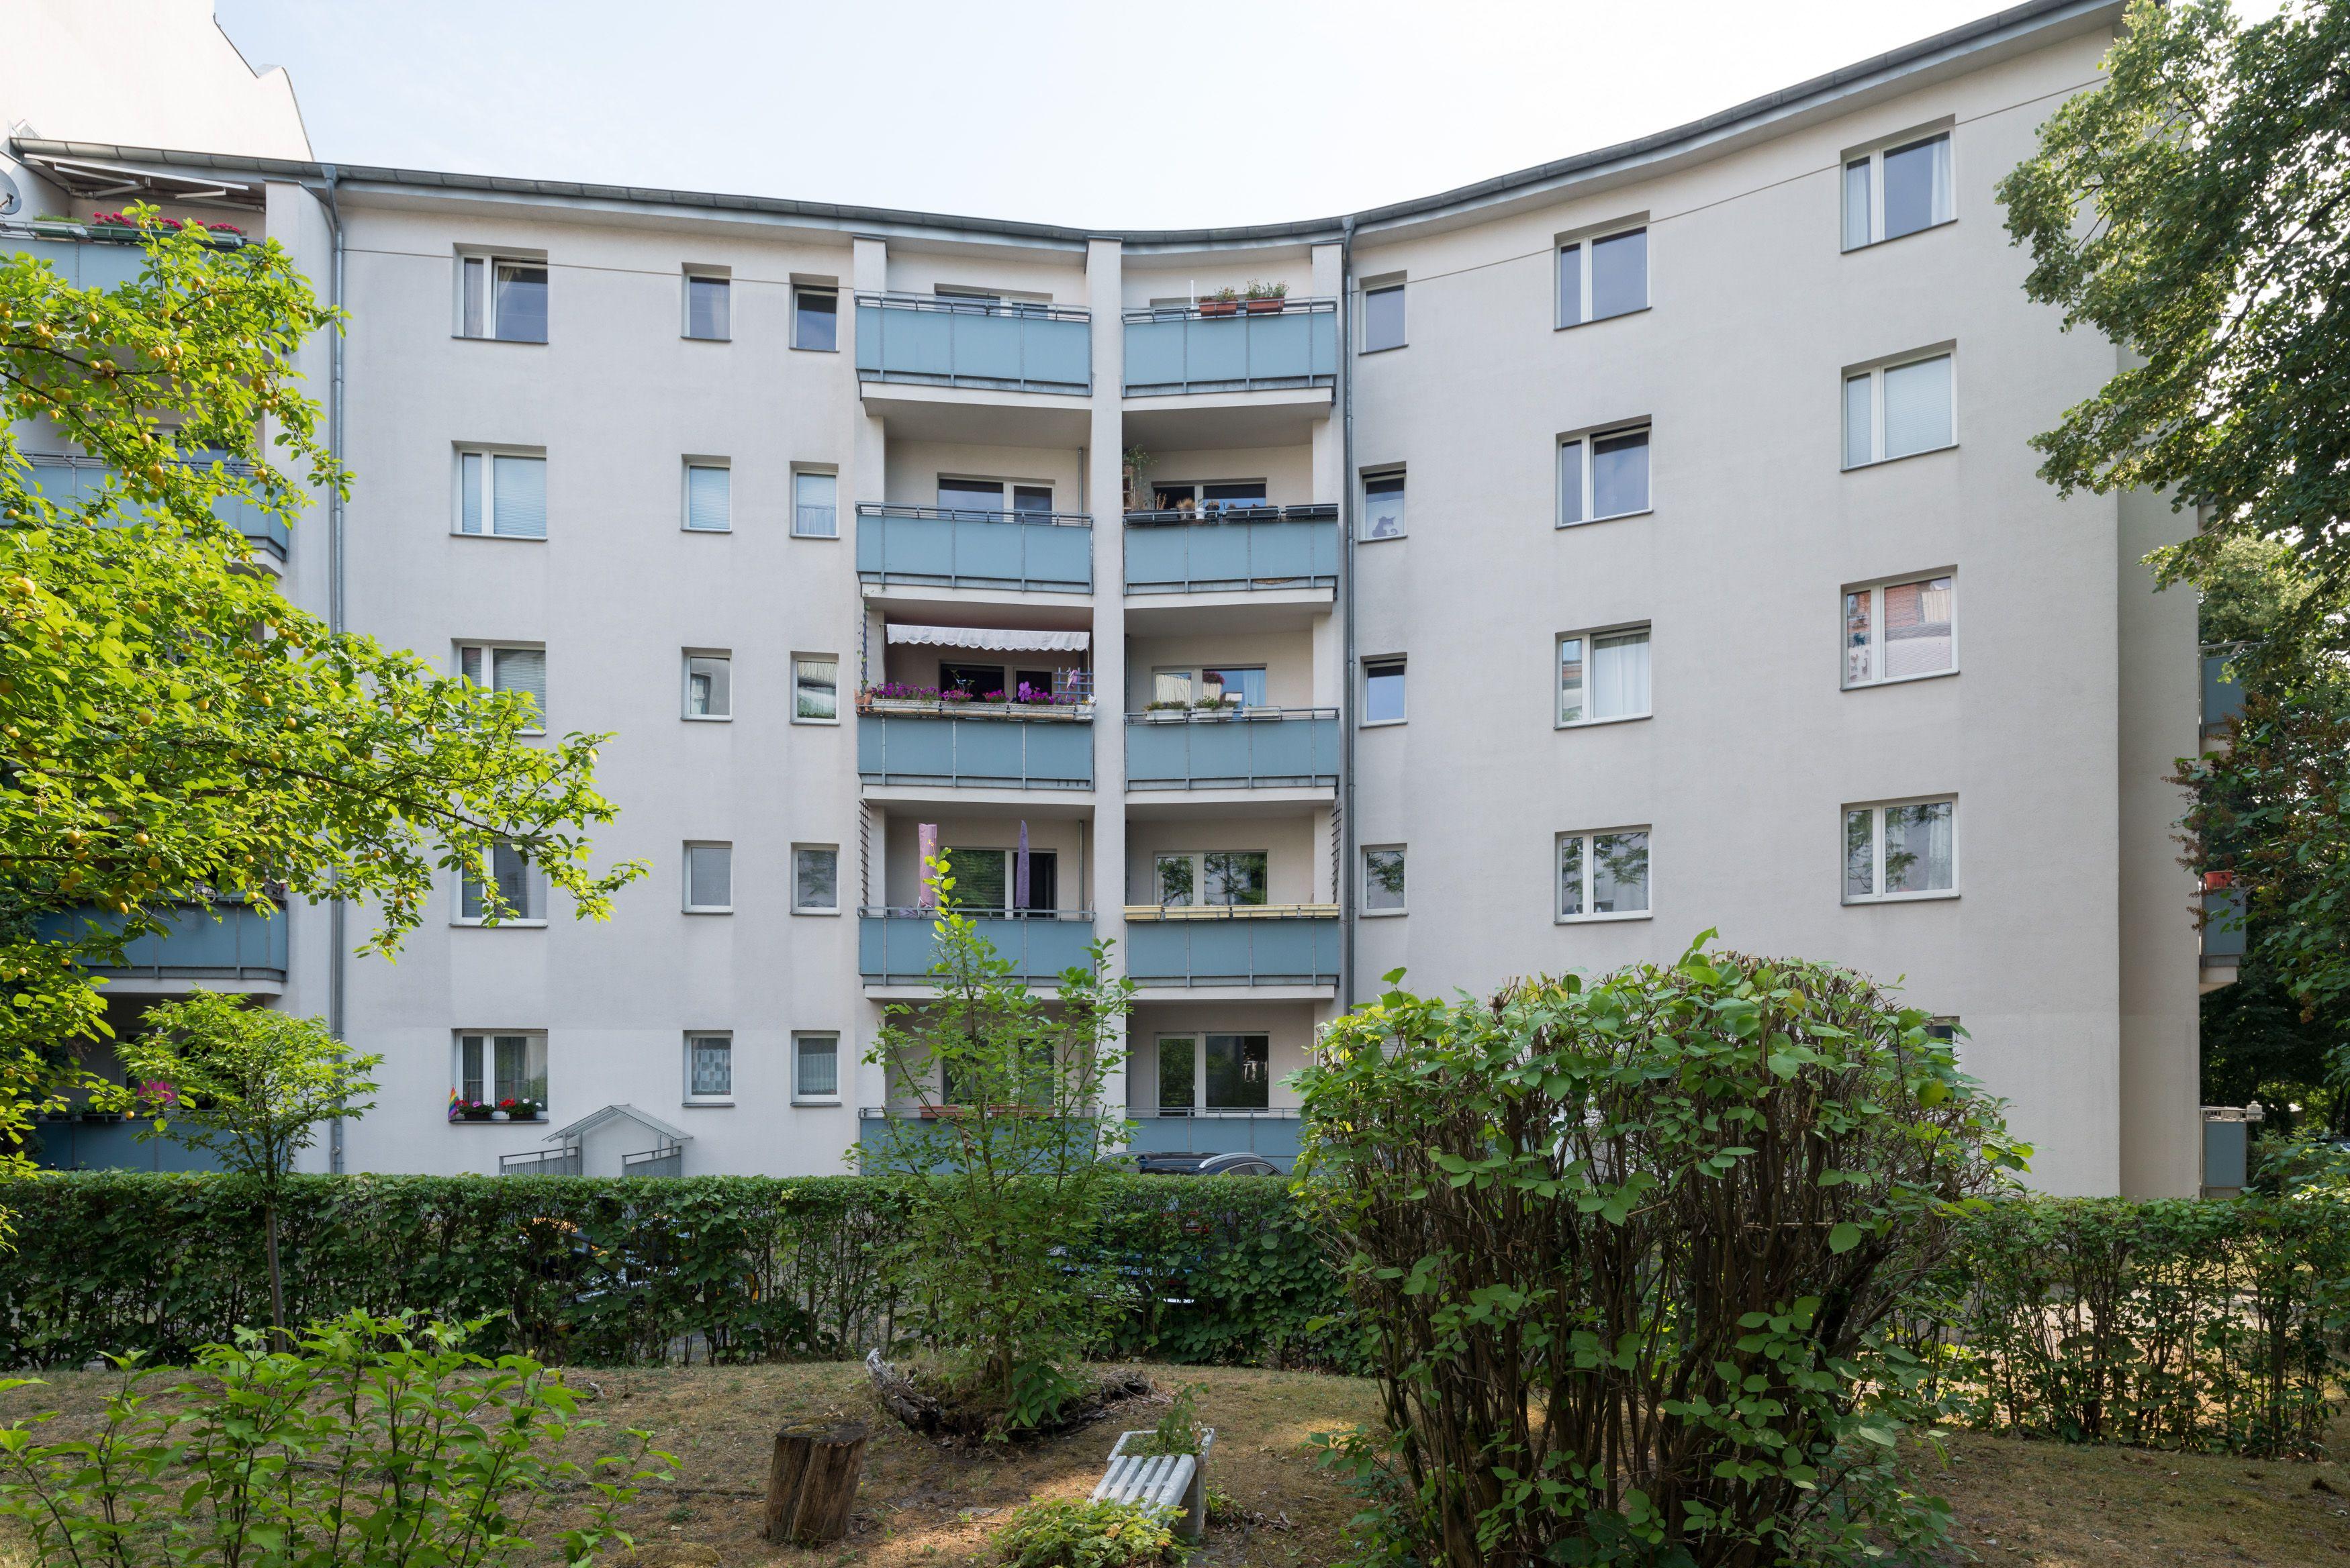 Eigentumswohnungen in Berlin Steglitz, Thorwaldsenstraße